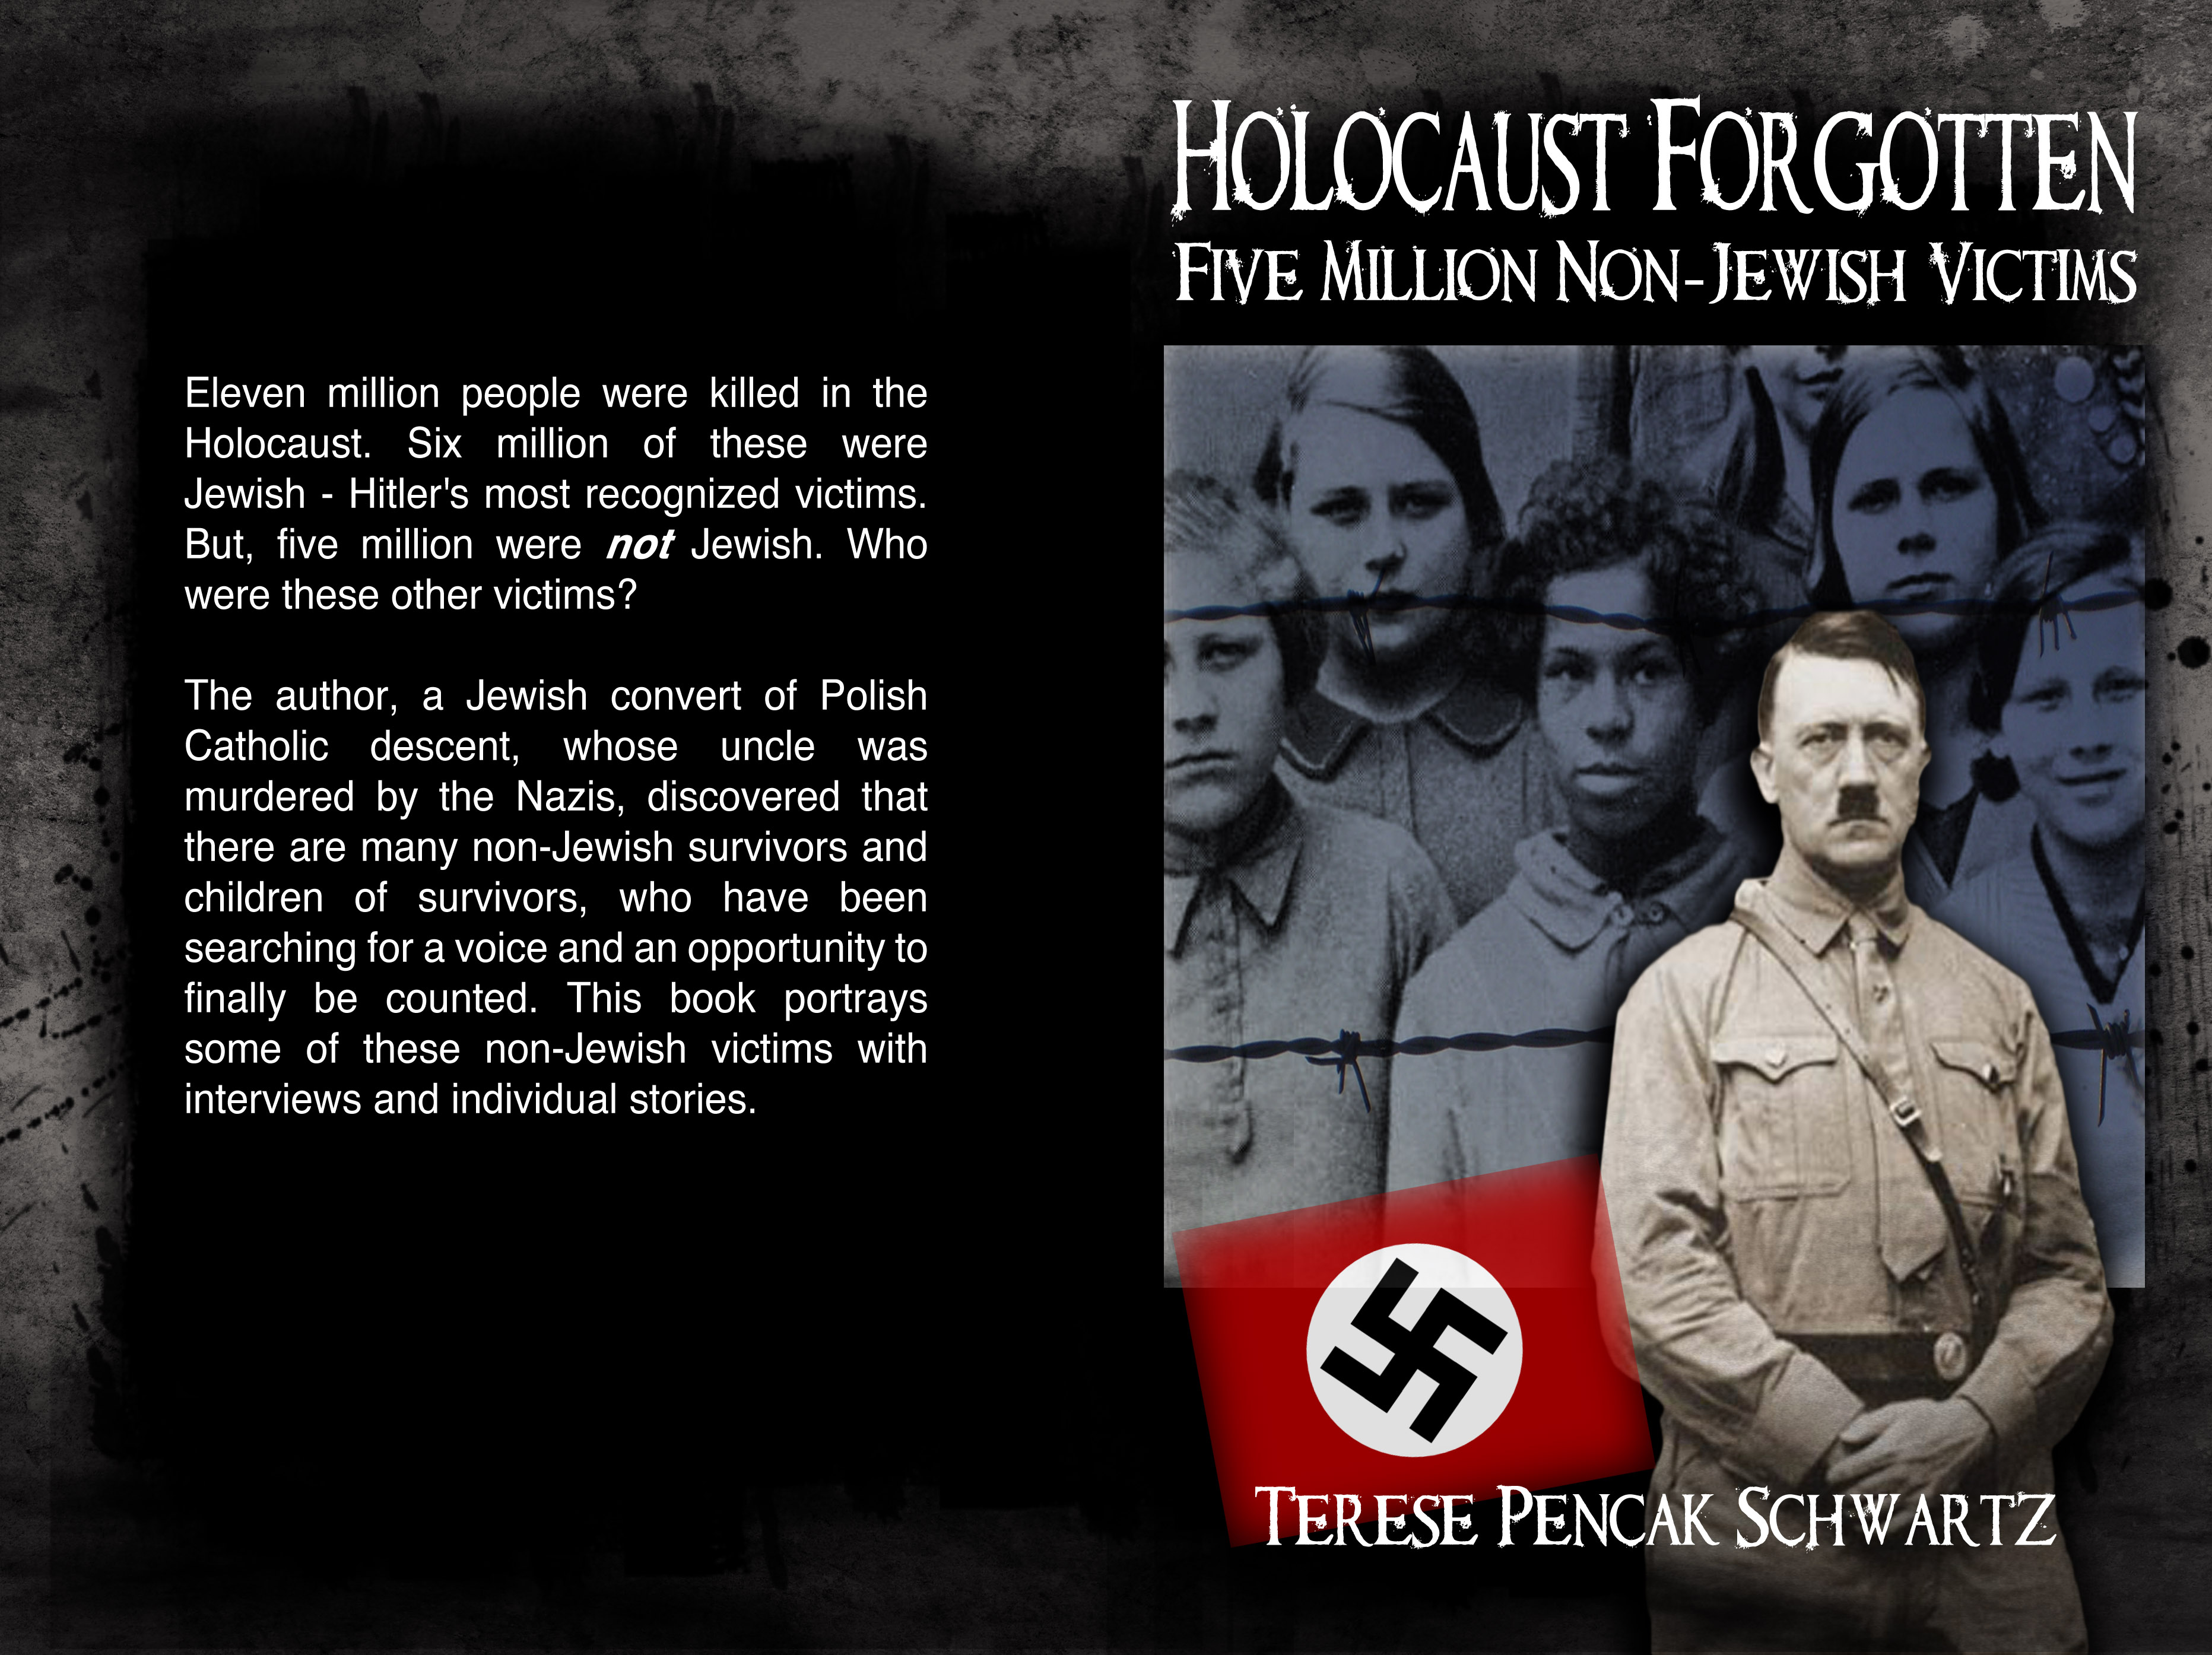 5 milhões de não judeus mortos